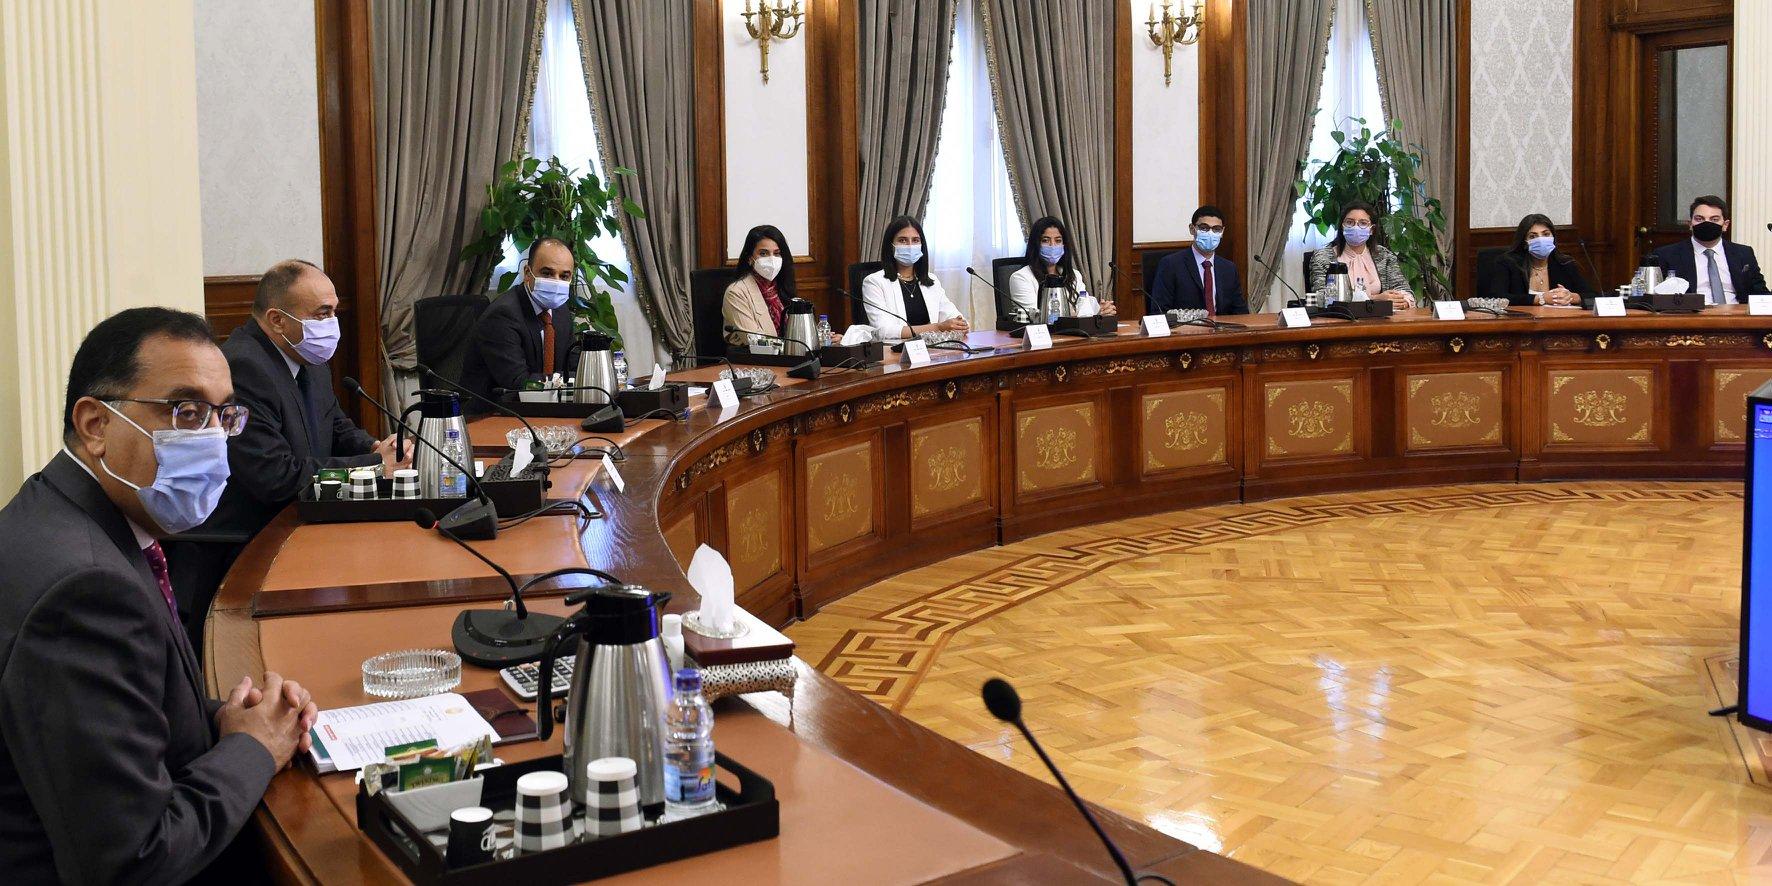 رئيس الوزراء يلتقي مجموعة من الشباب المصريين الدارسين بالخارج